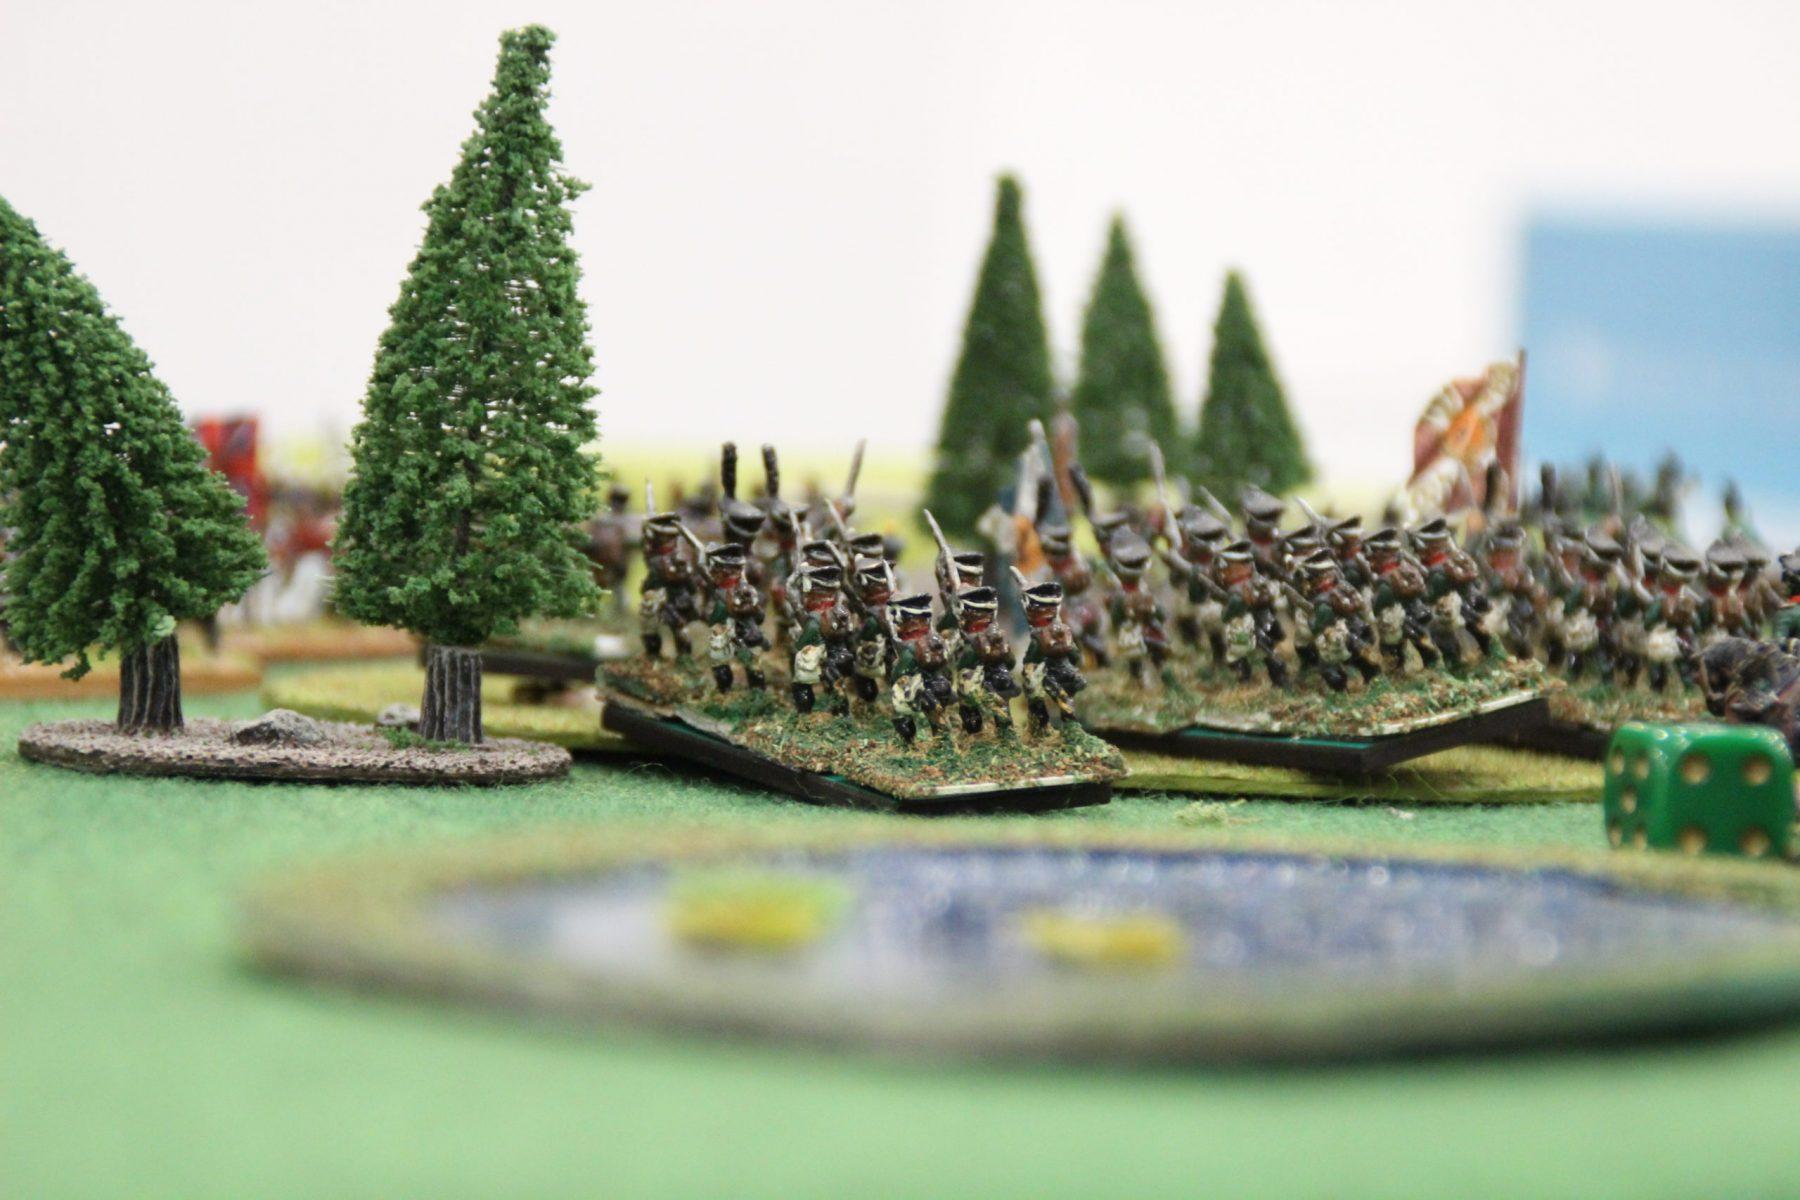 Les russes prennent position sur une colline boisée.